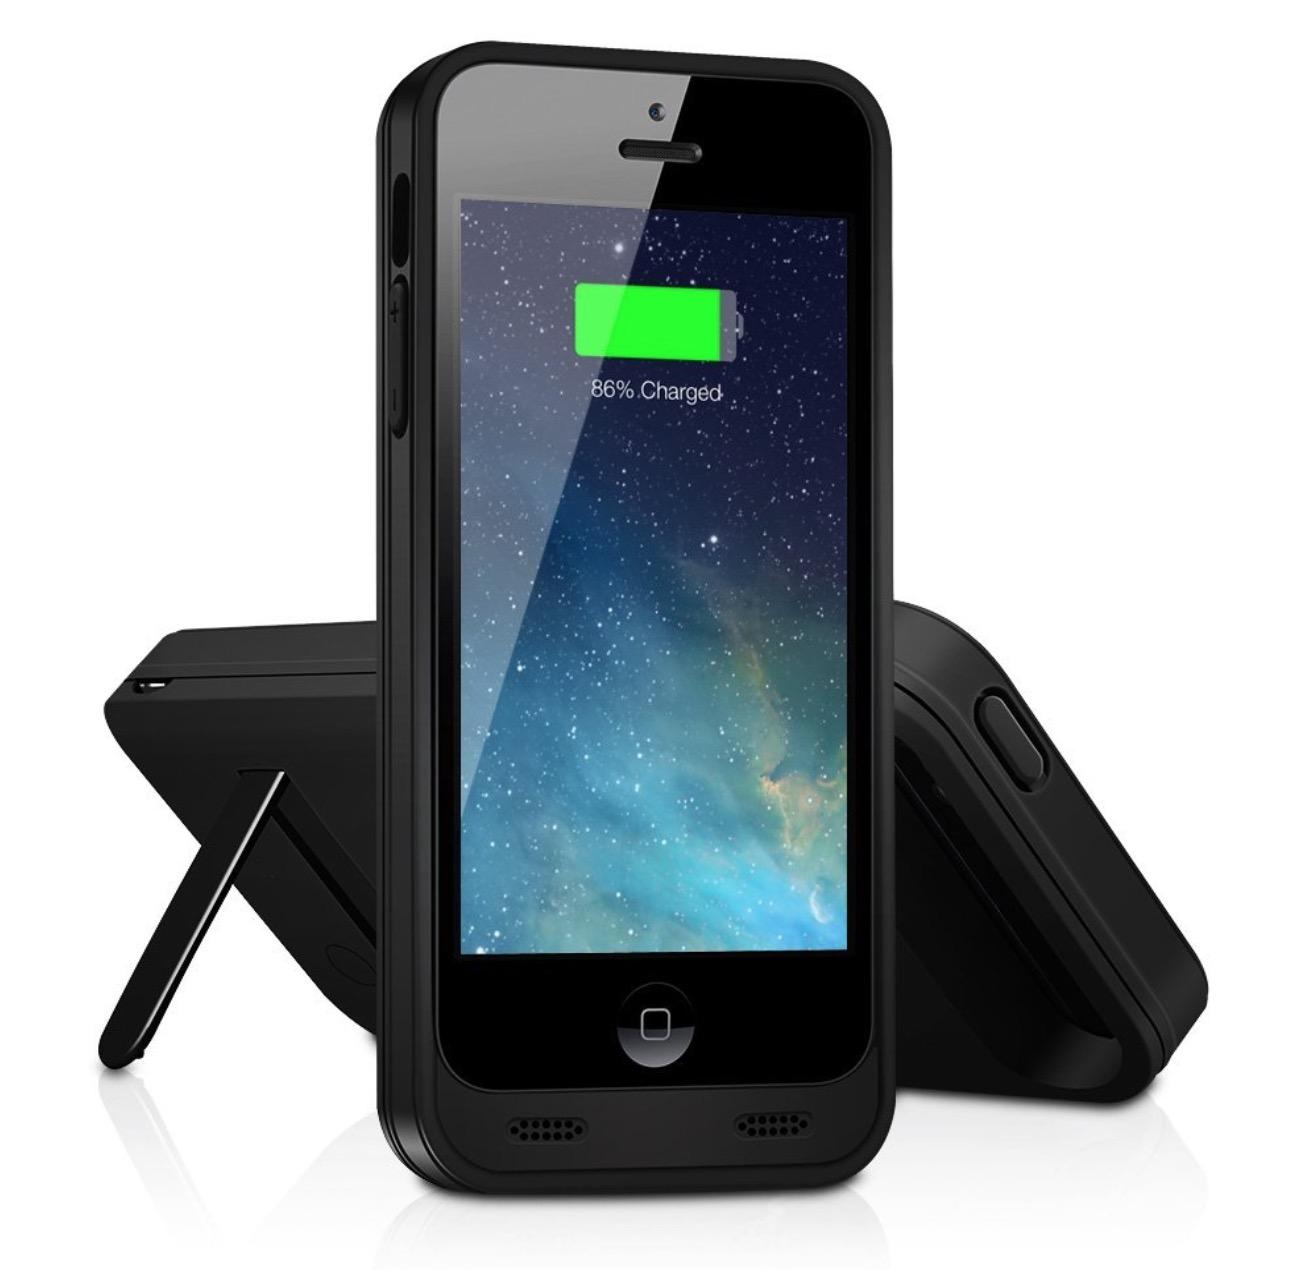 Custodia-batteria per iPhone 6: 45 euro con codice Macitynet